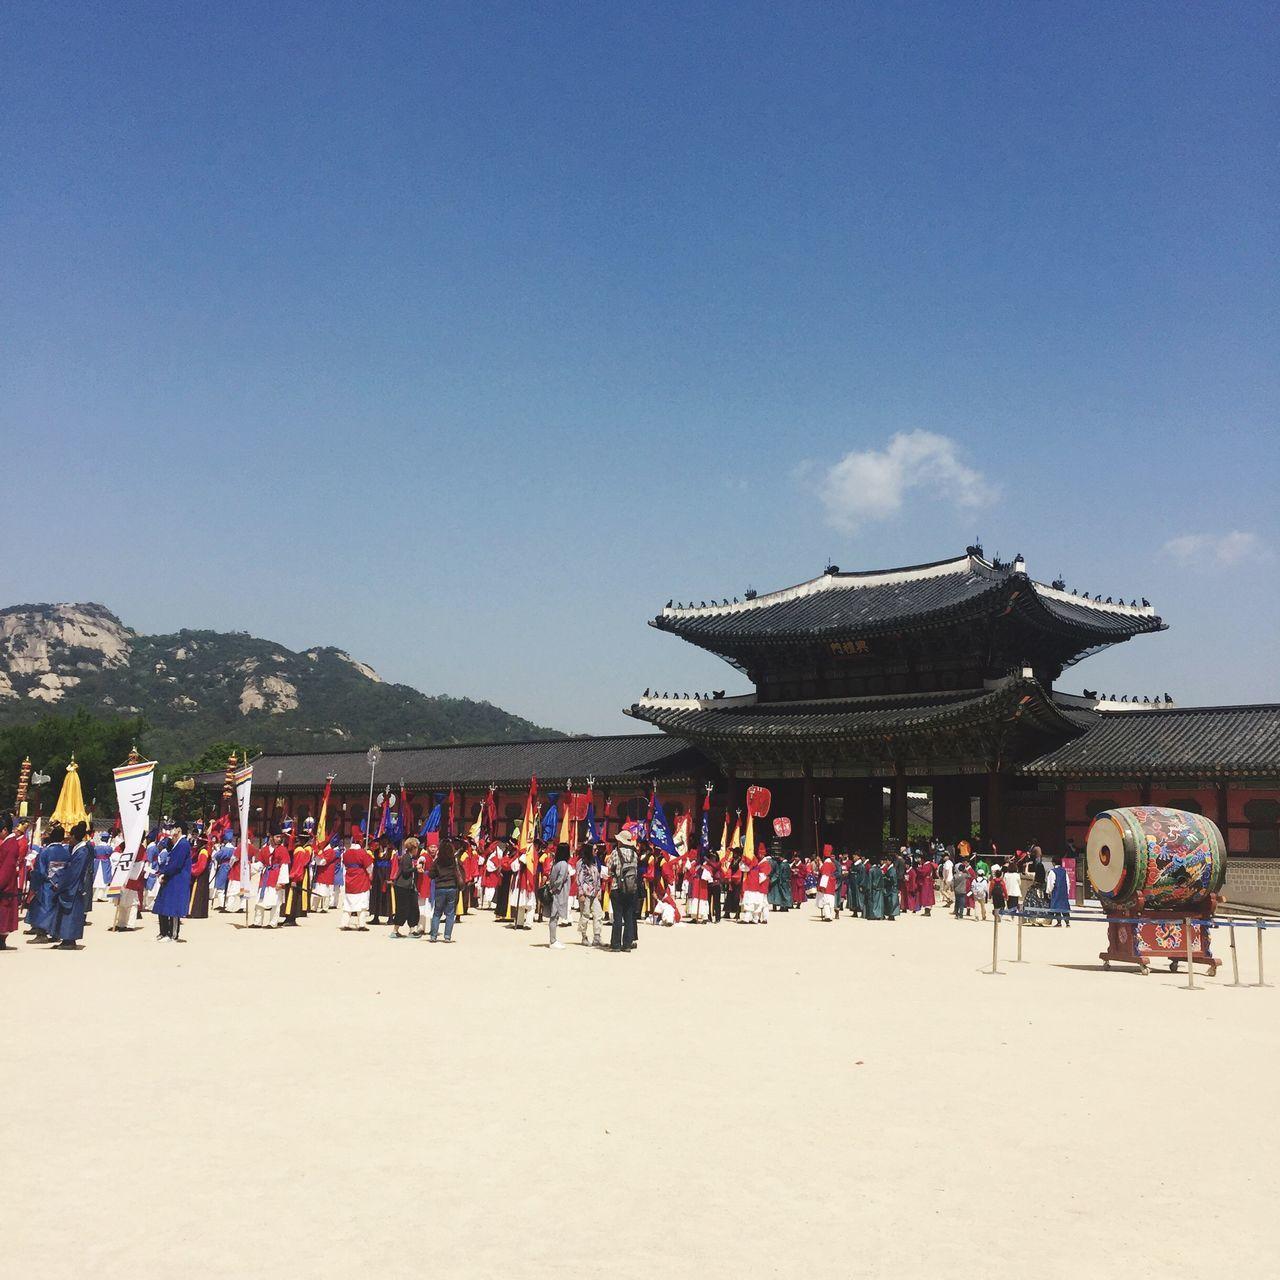 Gyeongbokgung Large Group Of People Sky Blue People 경복궁Gyeongbokgung Korea